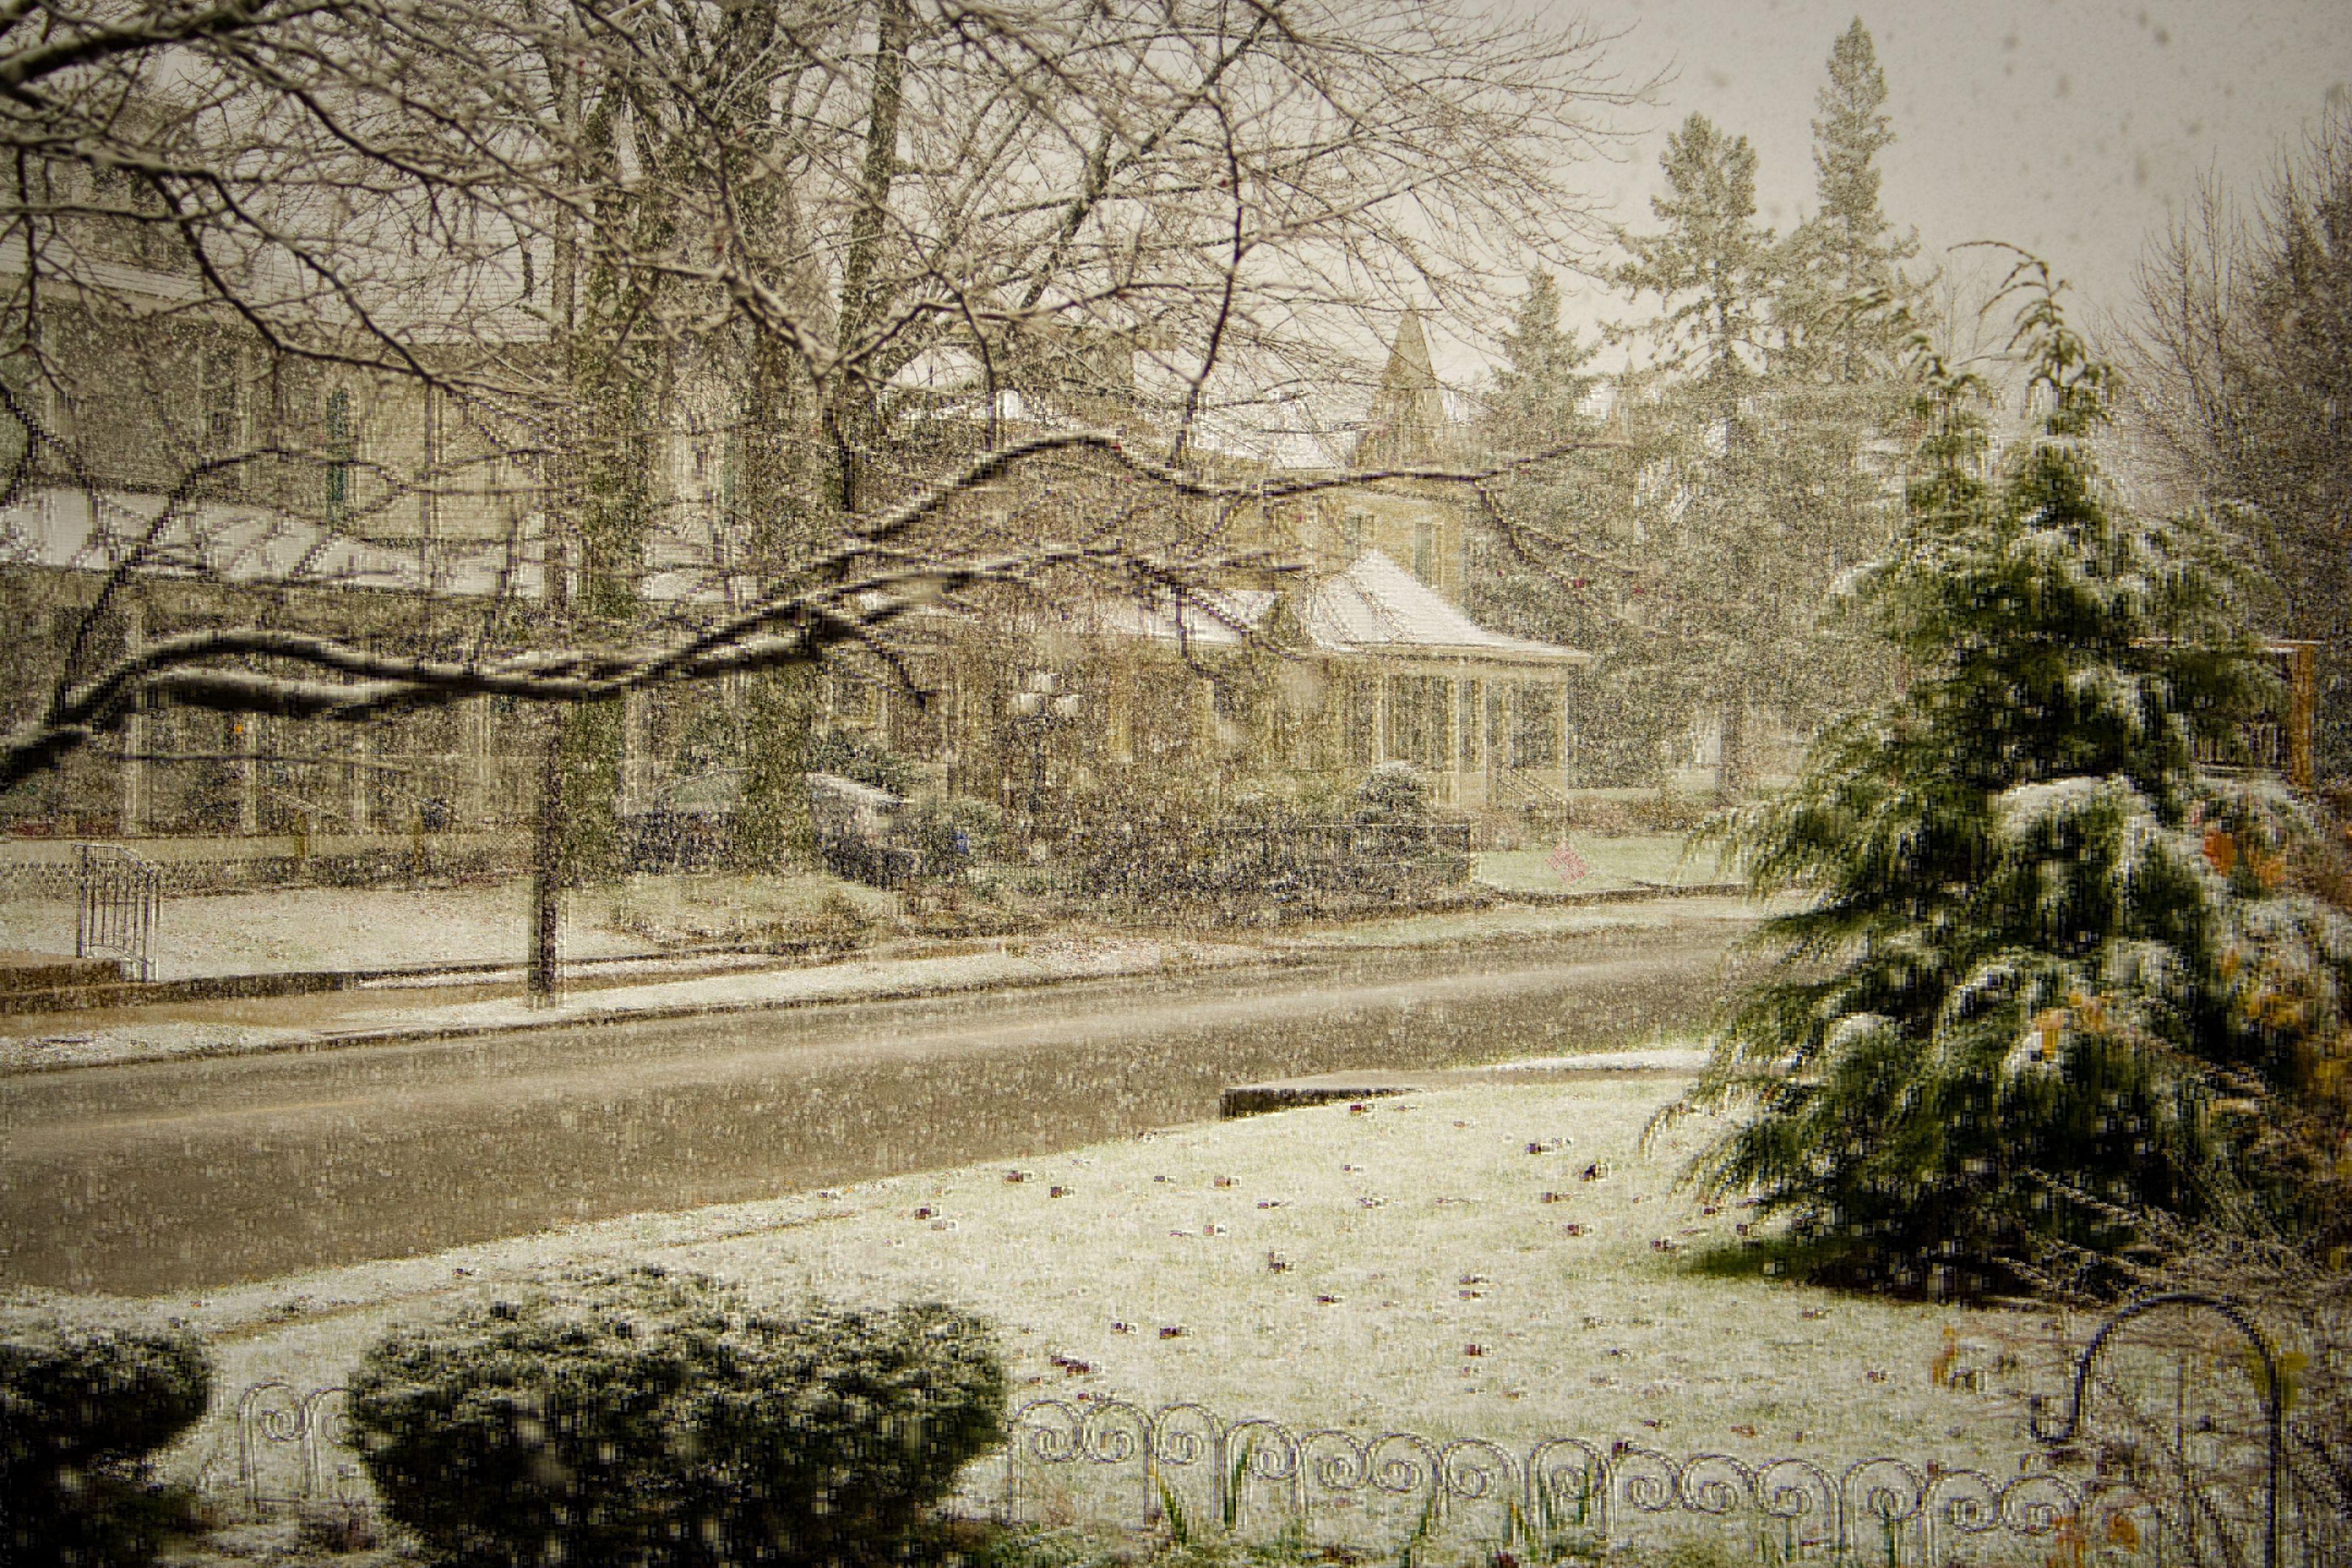 Snow falling in New Castle, IN